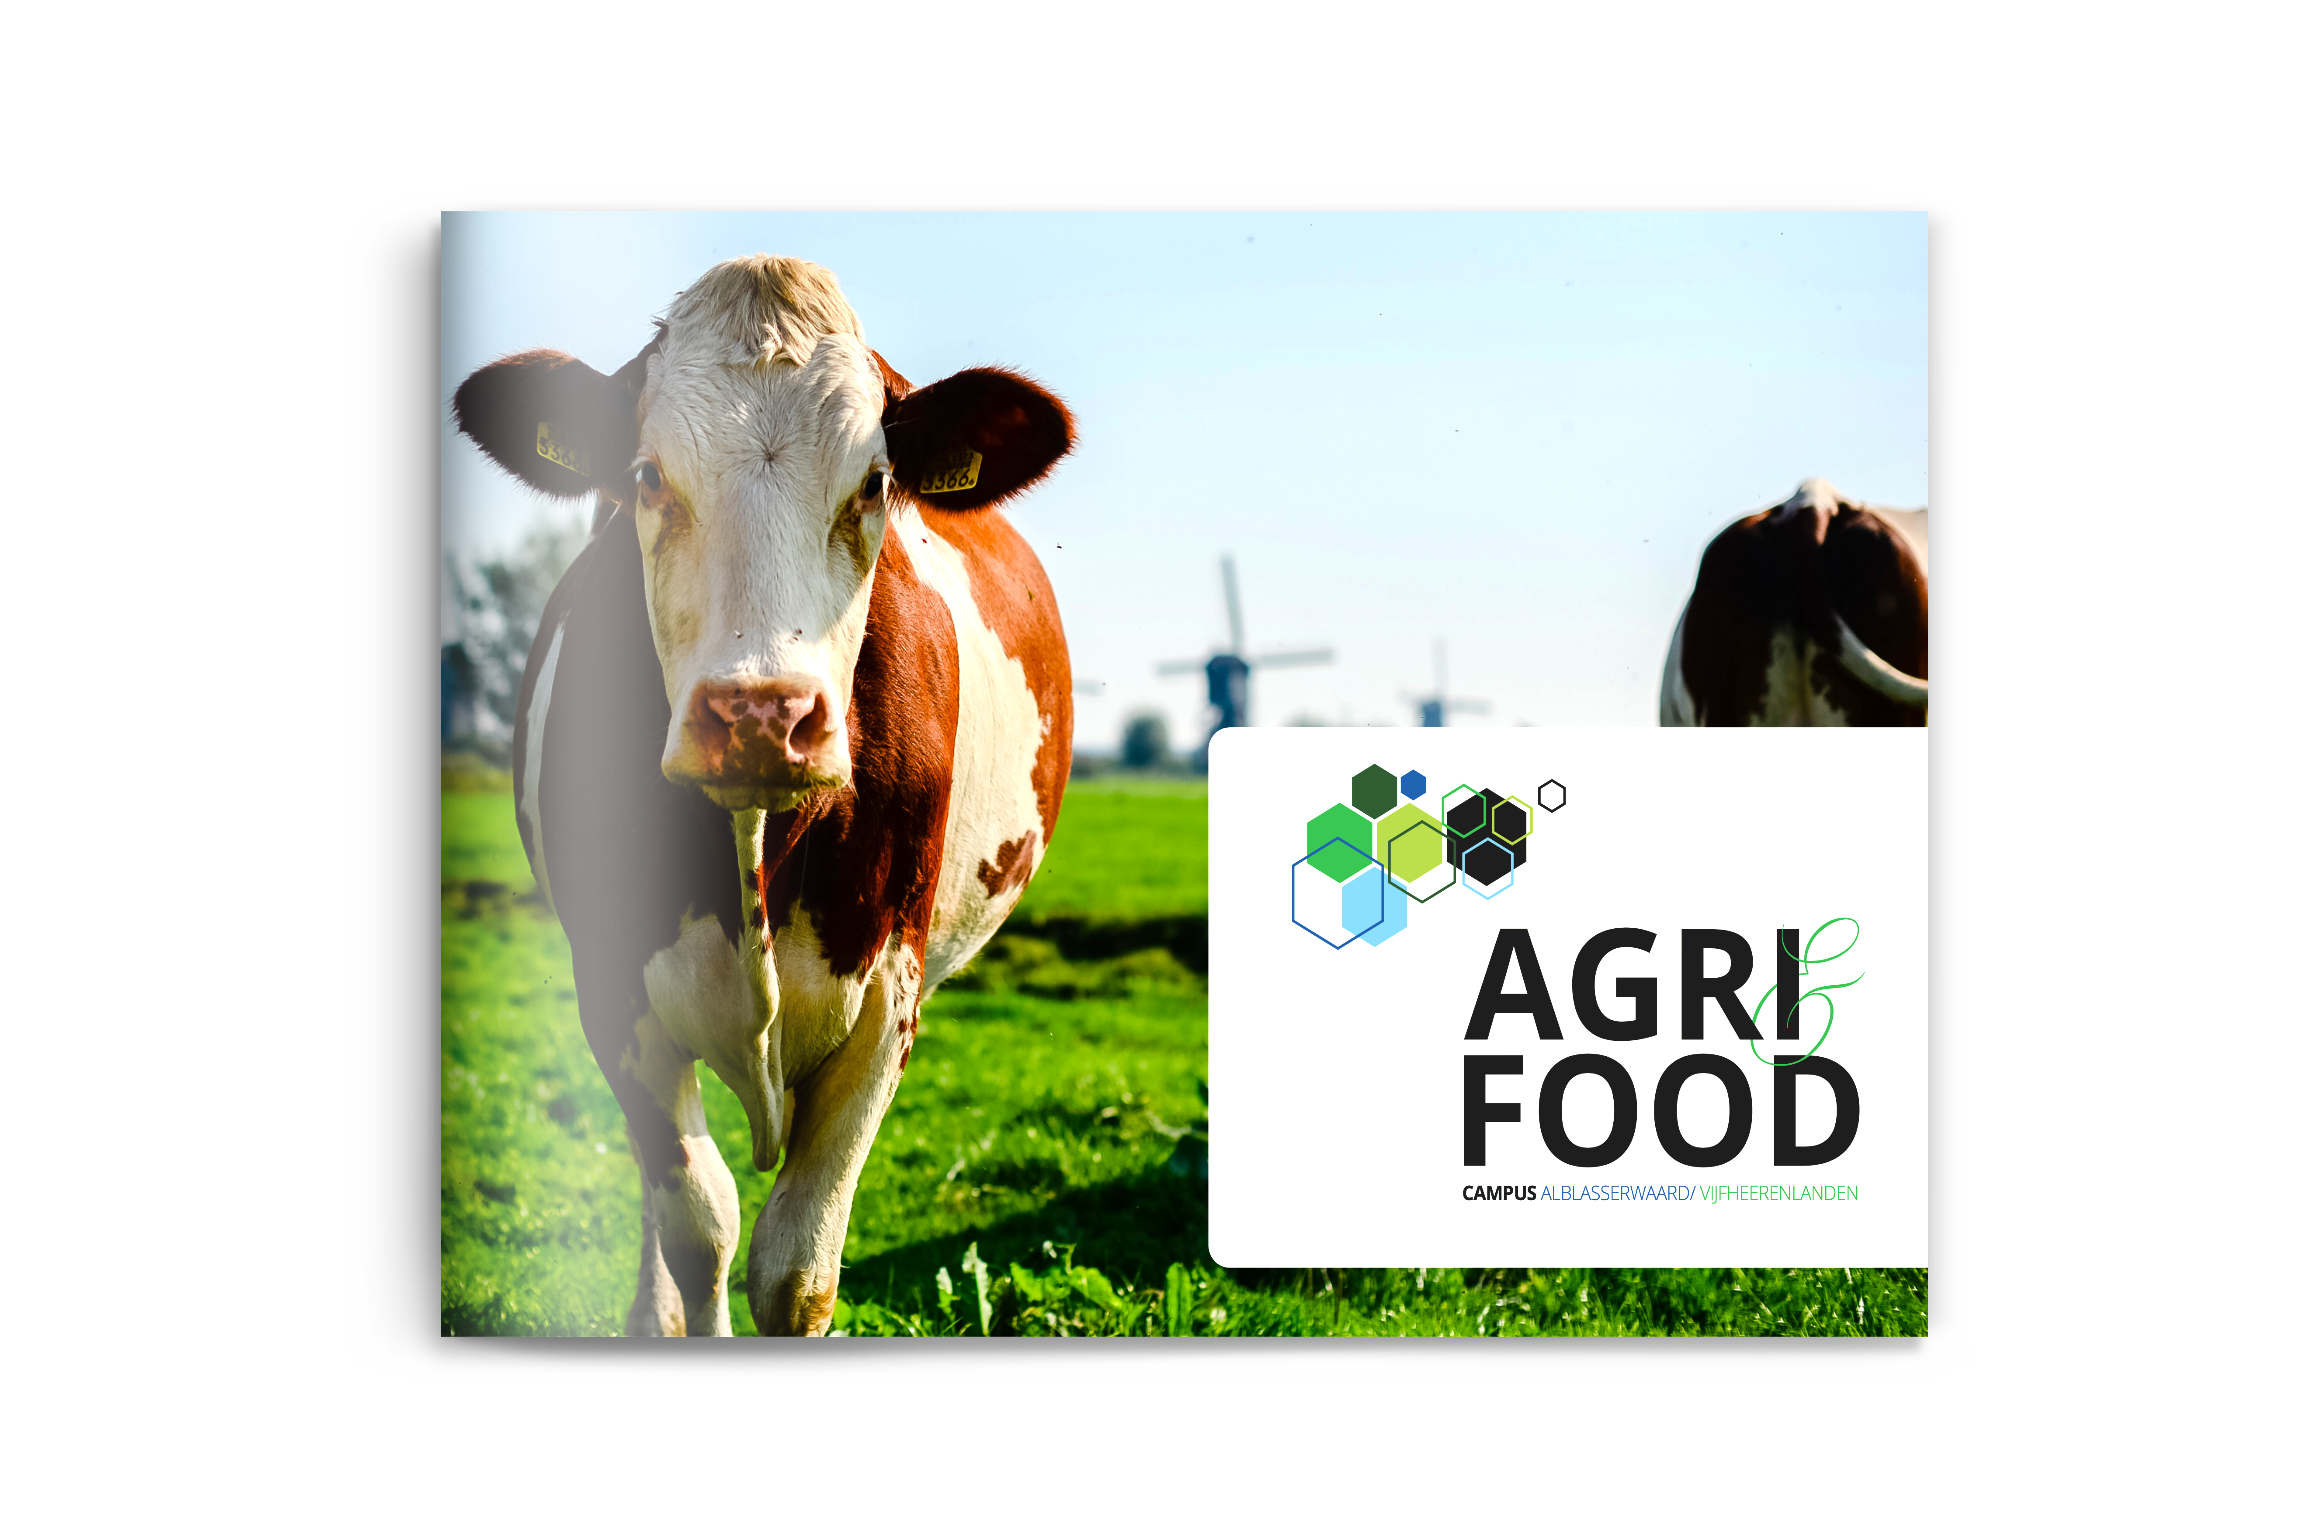 Agri & Food Campus